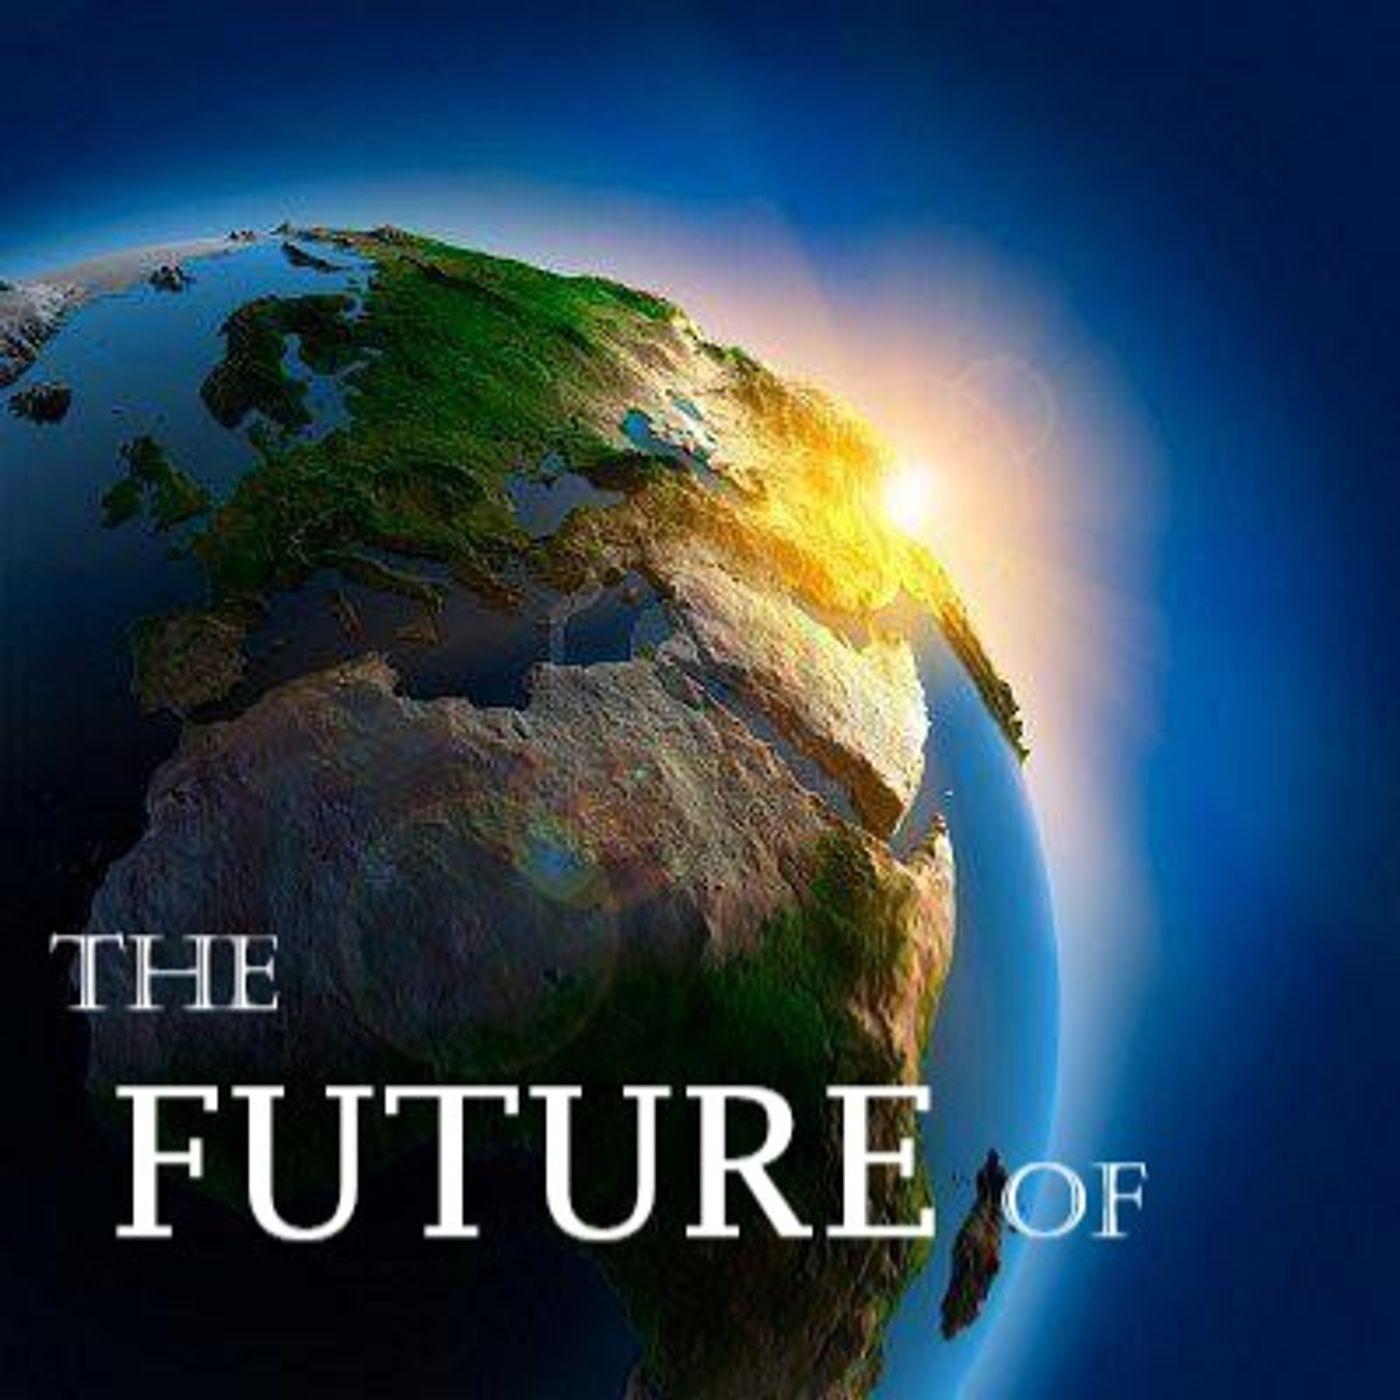 Ep.117 S.5 - News dal futuro: tunnel, estrazioni dai fondali, turbina eolica, plastica nei mari, deep voice, interruttori ottici, falsa AI